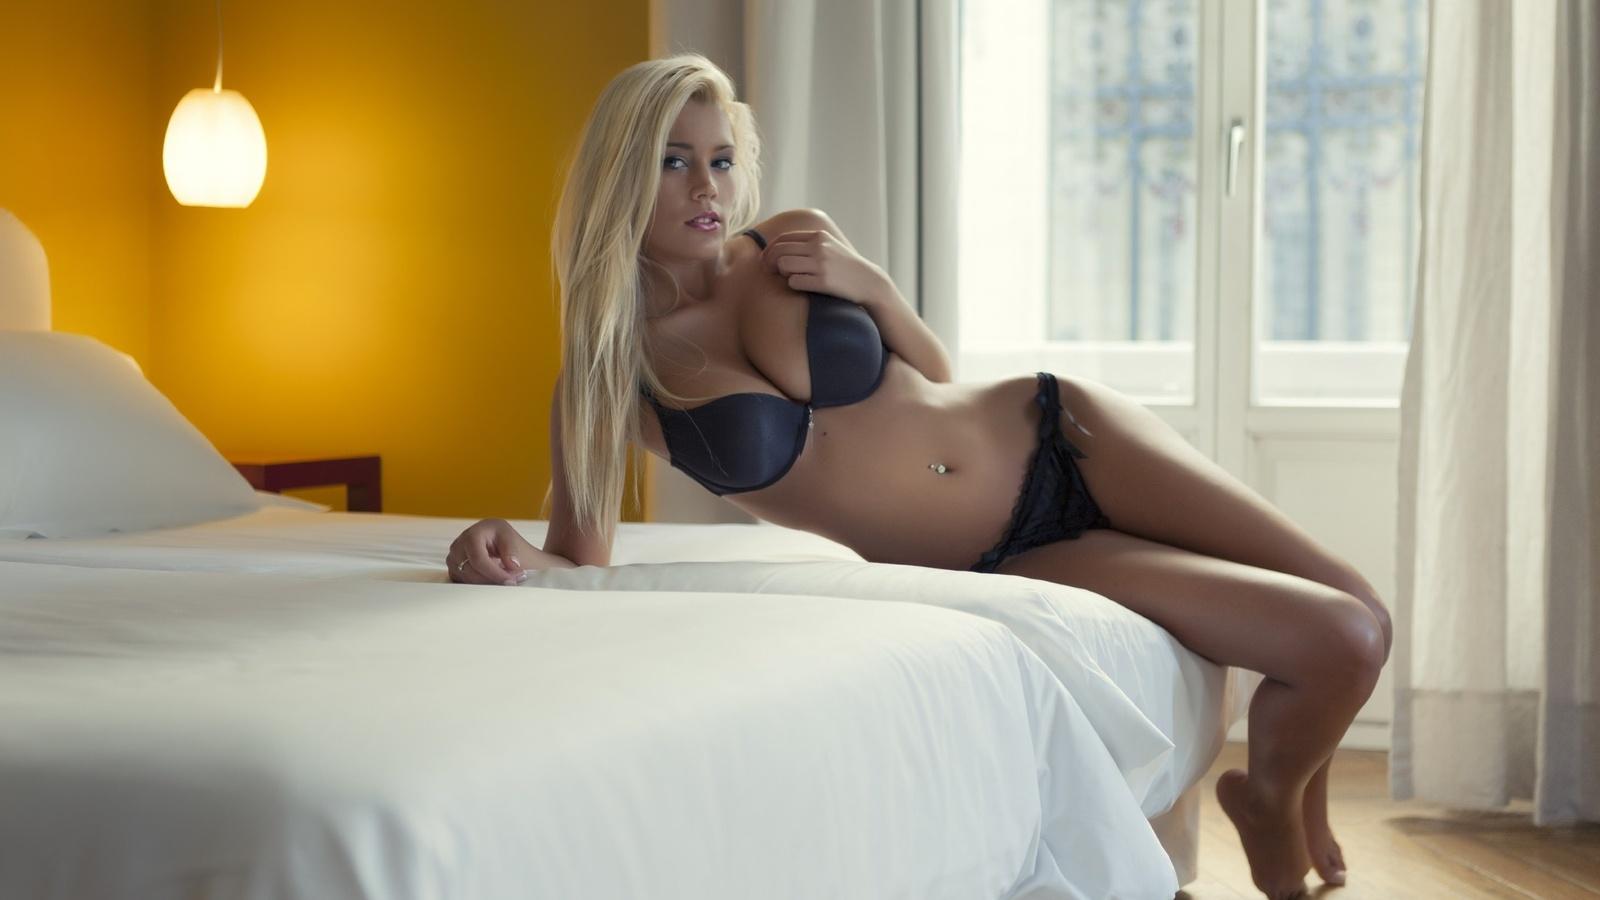 Фотографии девушек блондинок в домашних условиях в нижнем белье 9 фотография